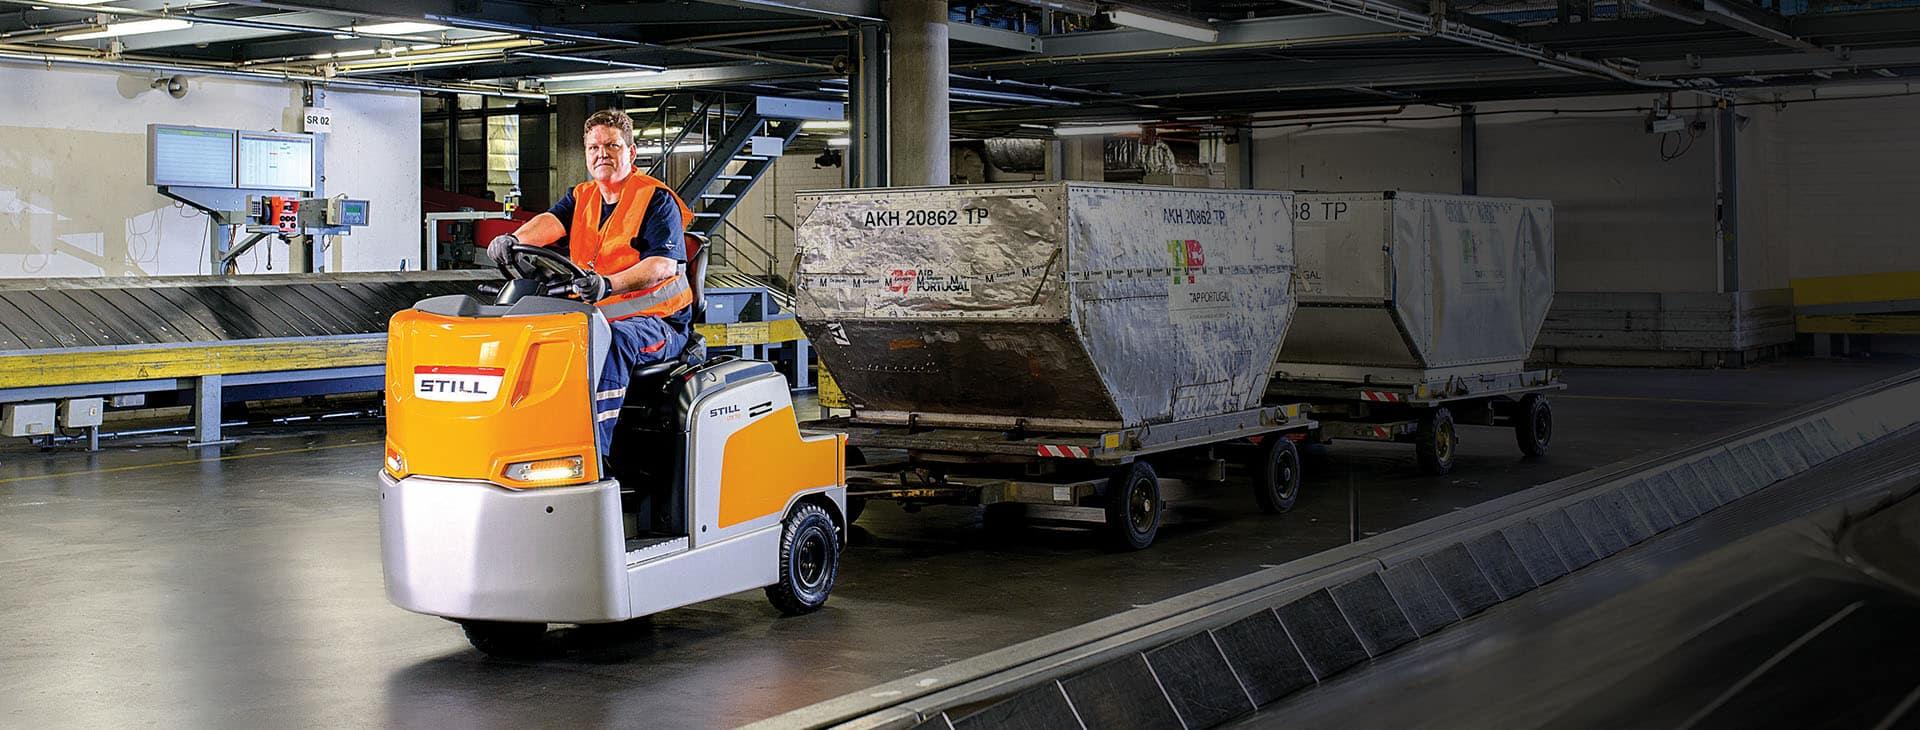 heavy-still-forklift-truck-8